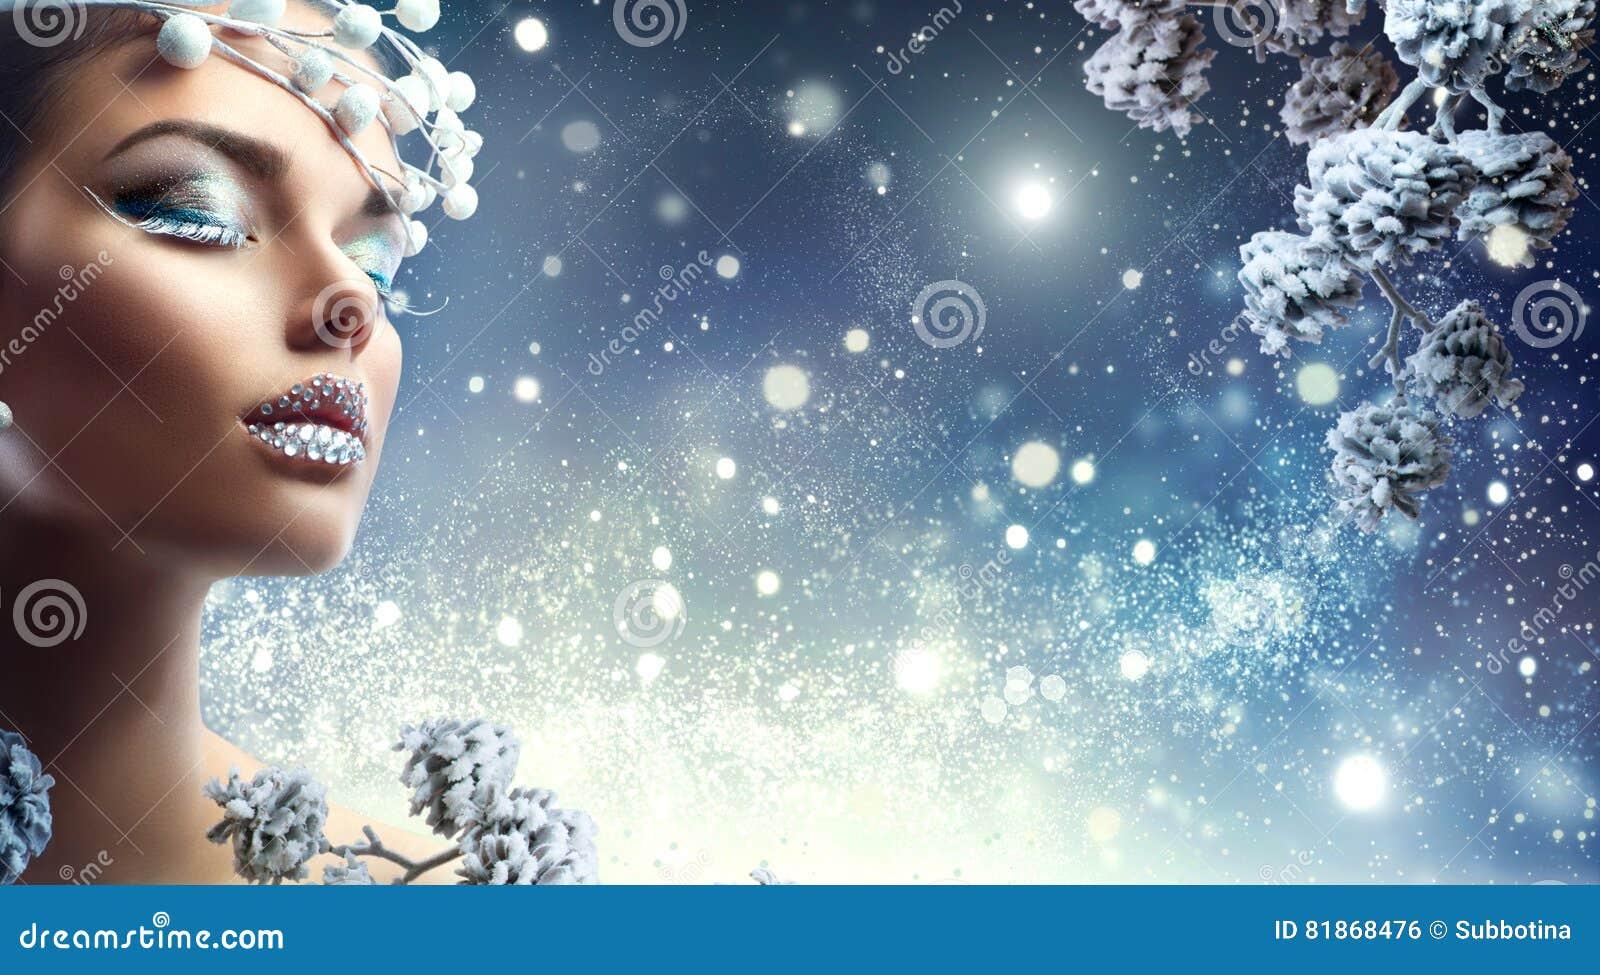 圣诞节秀丽女孩 与宝石的冬天构成在嘴唇